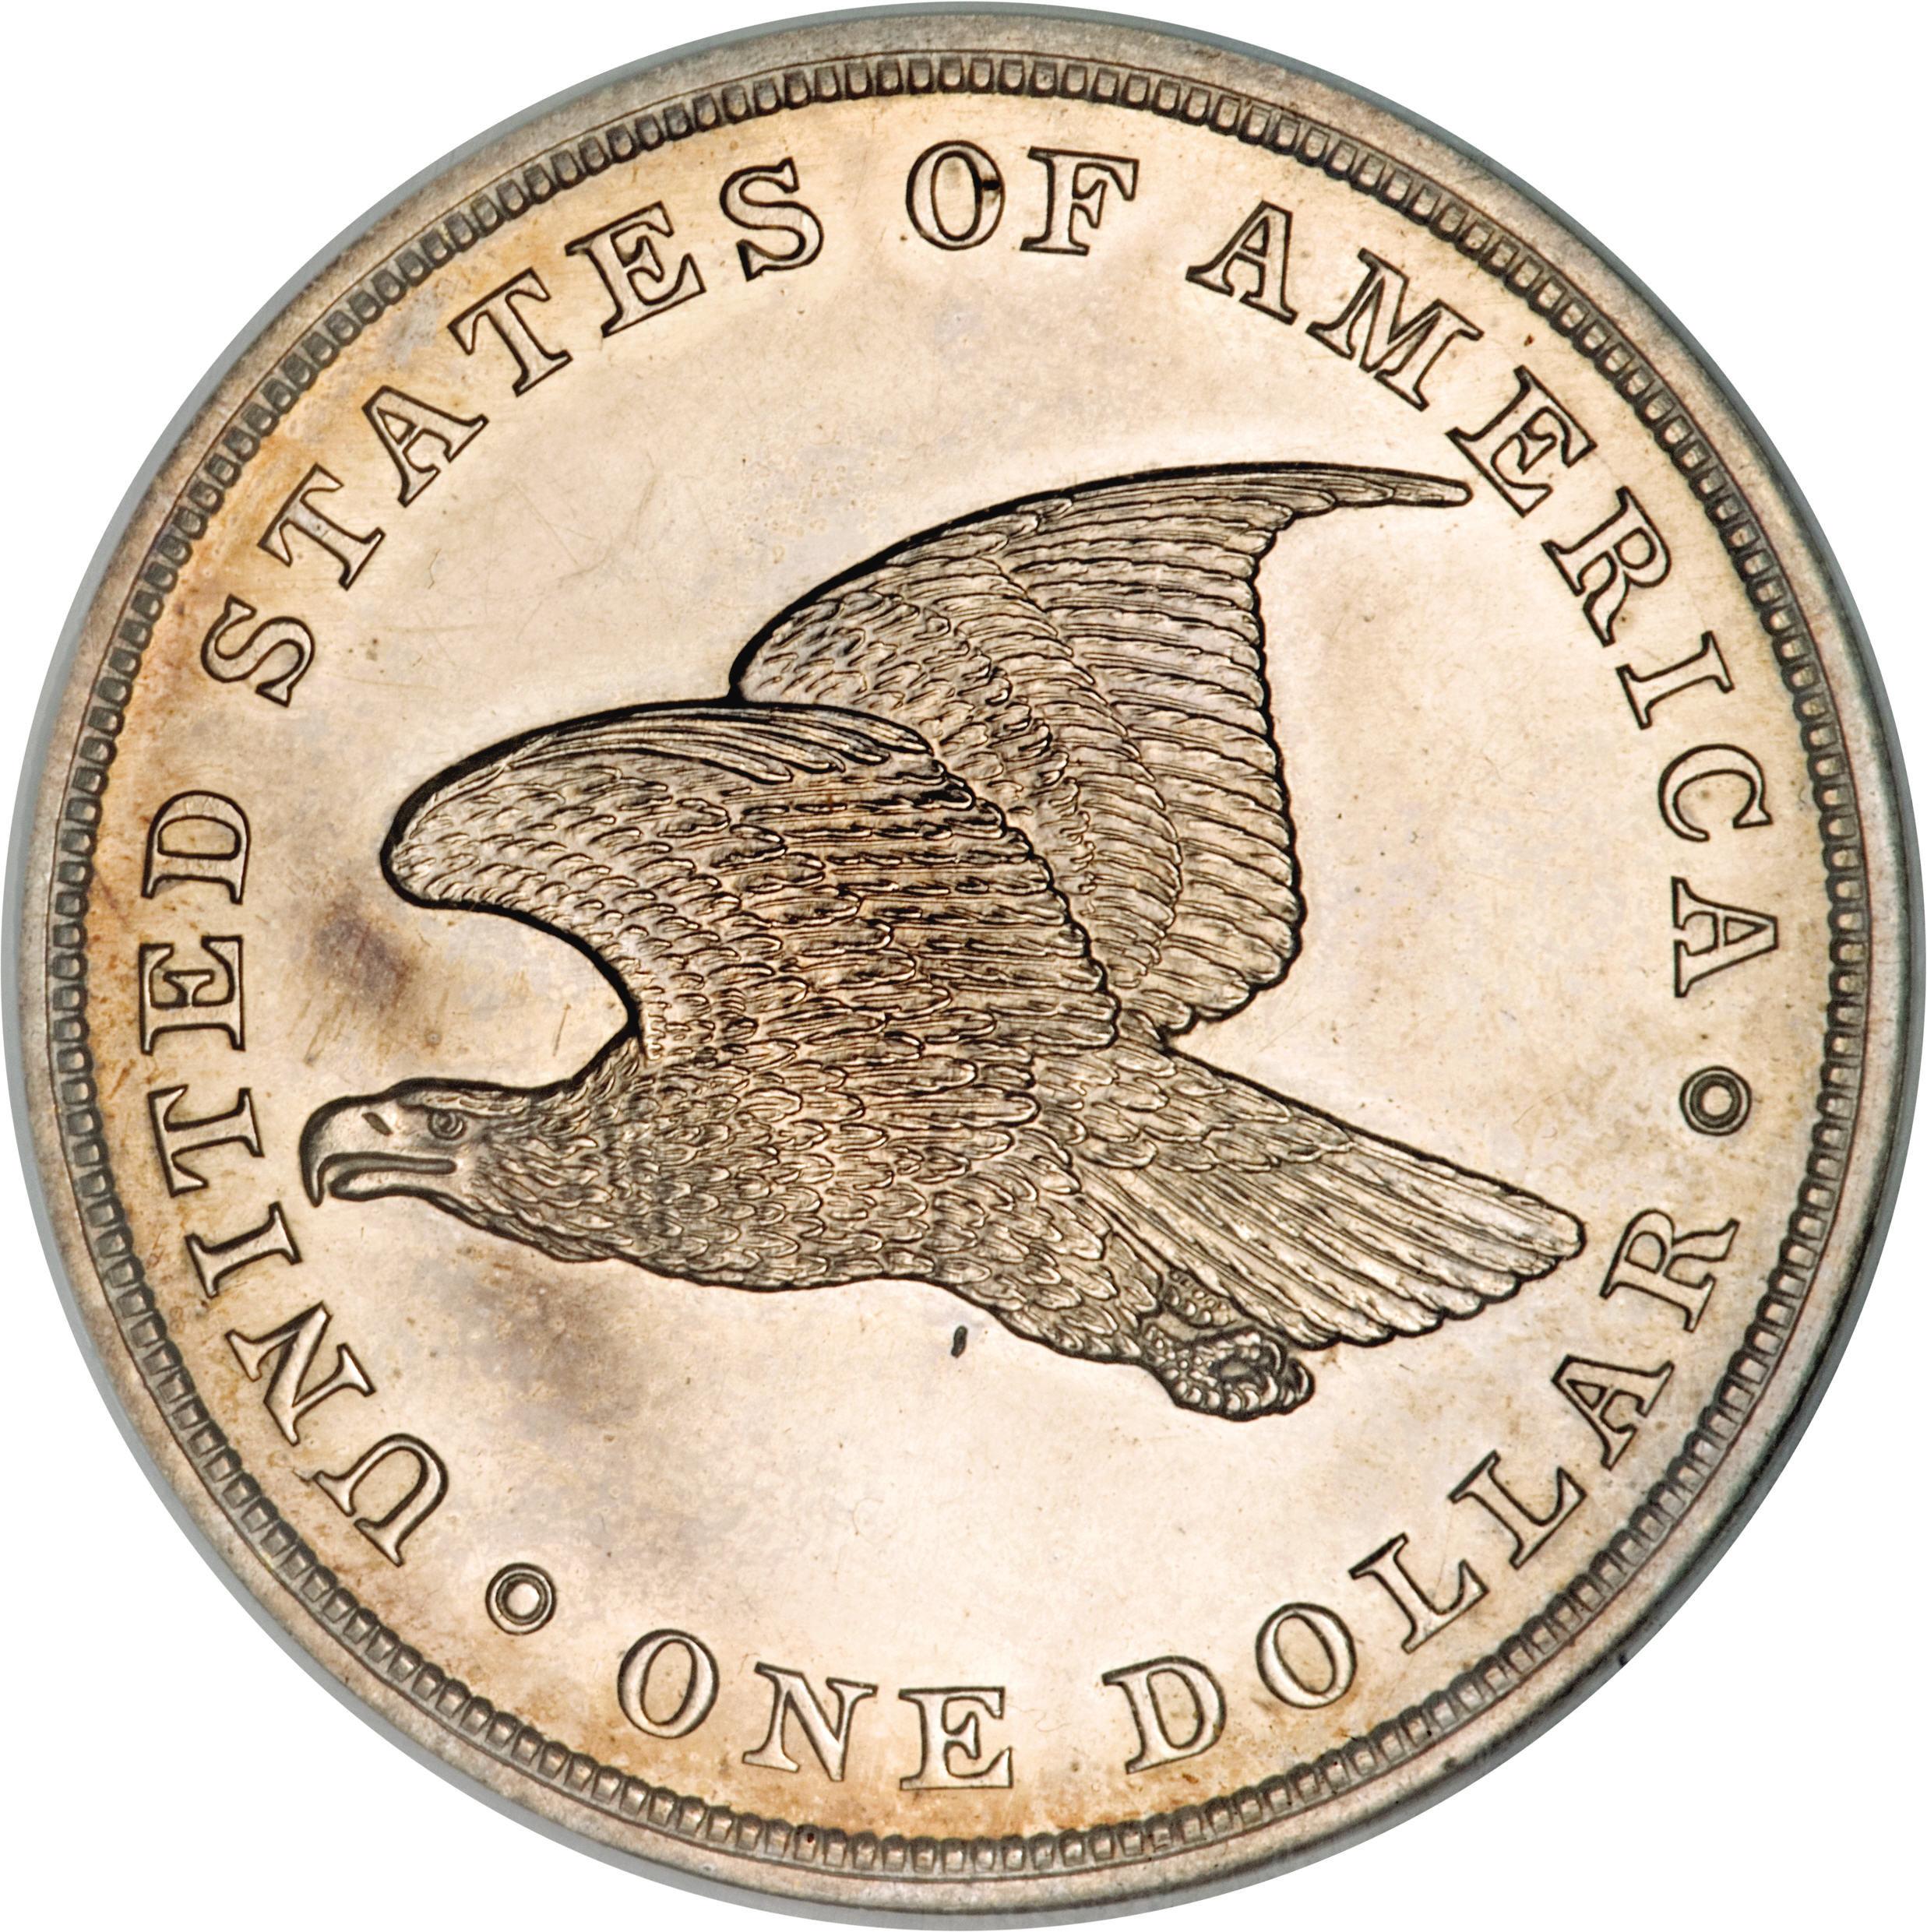 1 Dollar Quot Gobrecht Dollar Quot Argent 900 201 Tats Unis